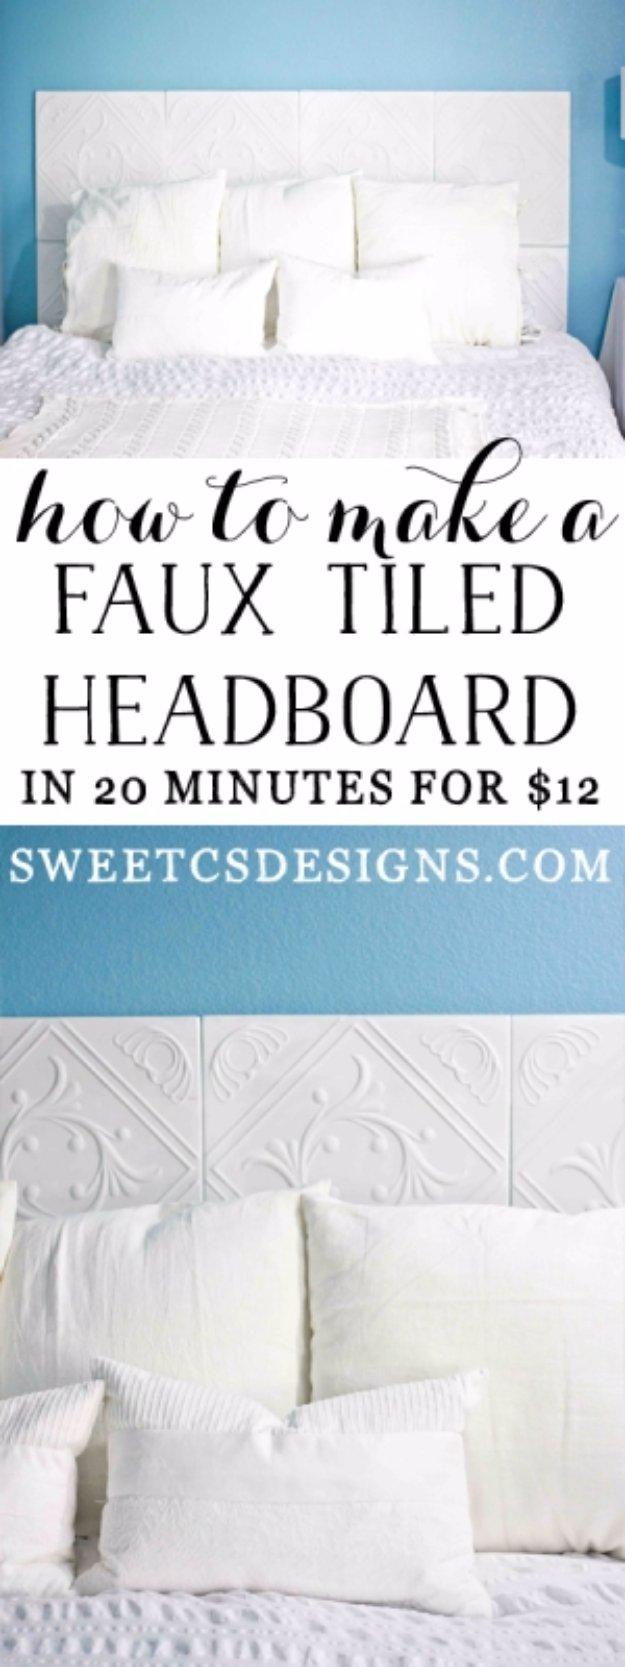 17 Beautiful DIY Headboard Designs Your Bedroom Needs